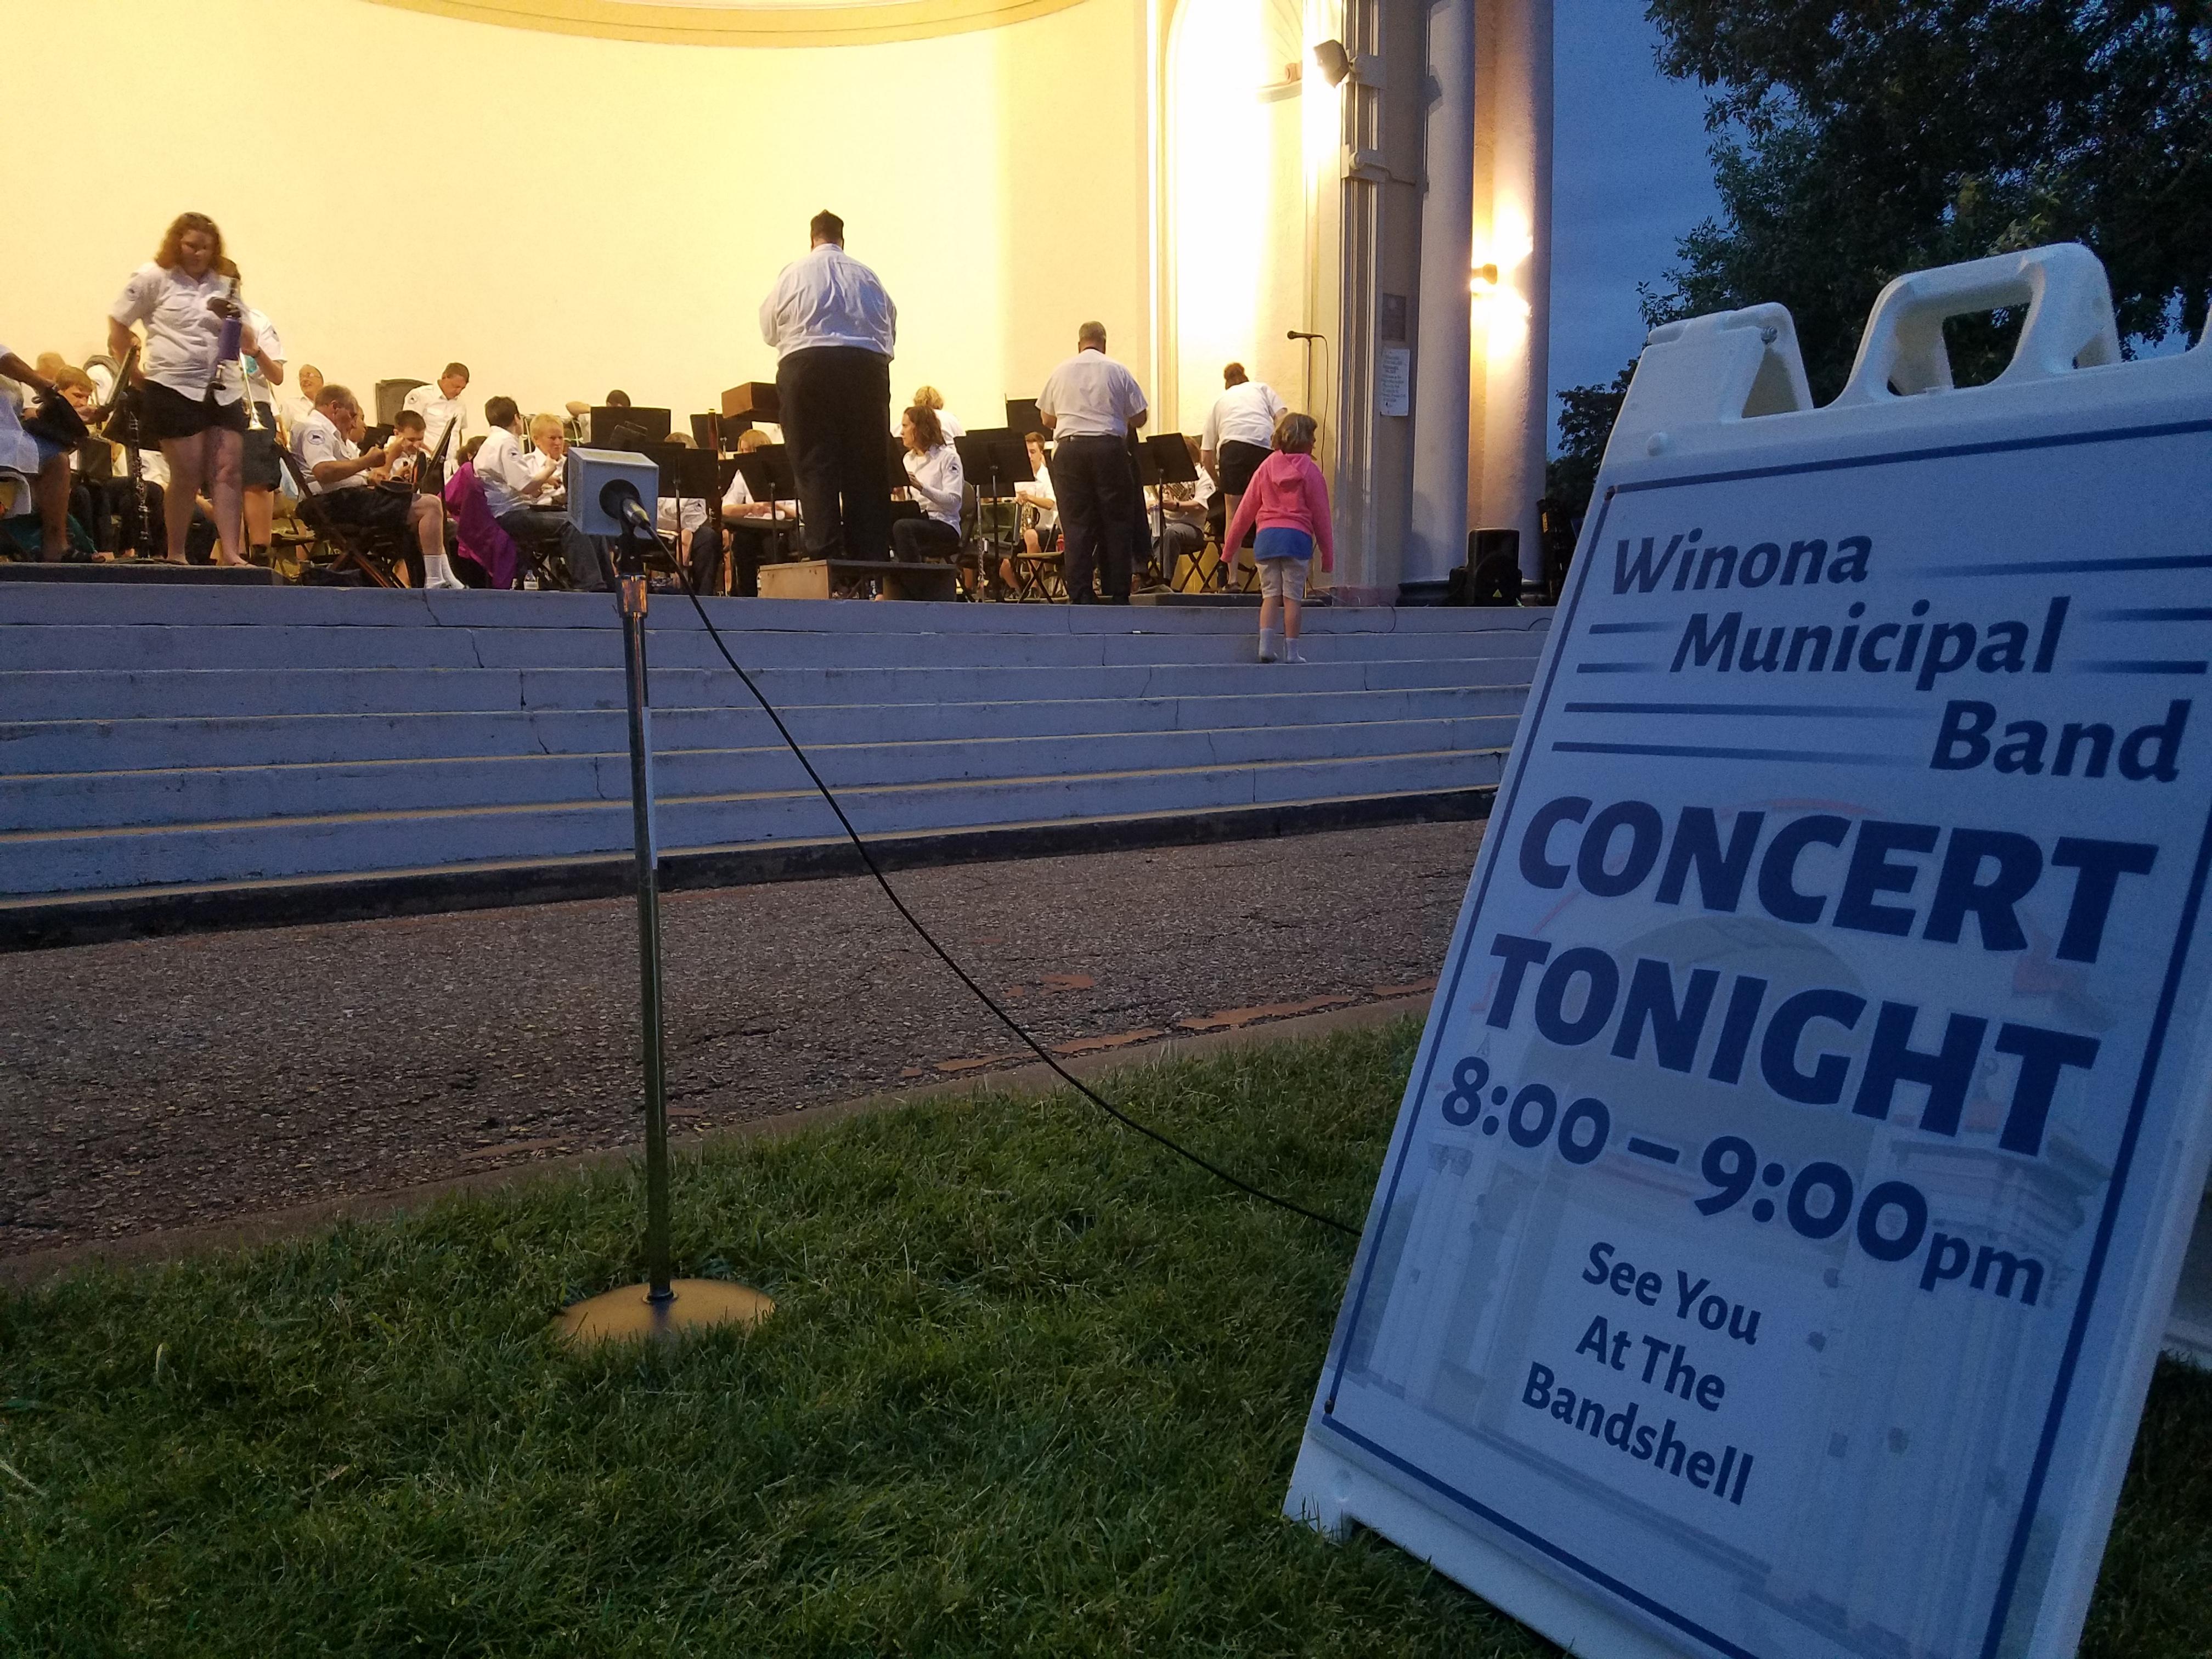 Caption: Winona Municipal Band, Credit: Bill Stoneberg